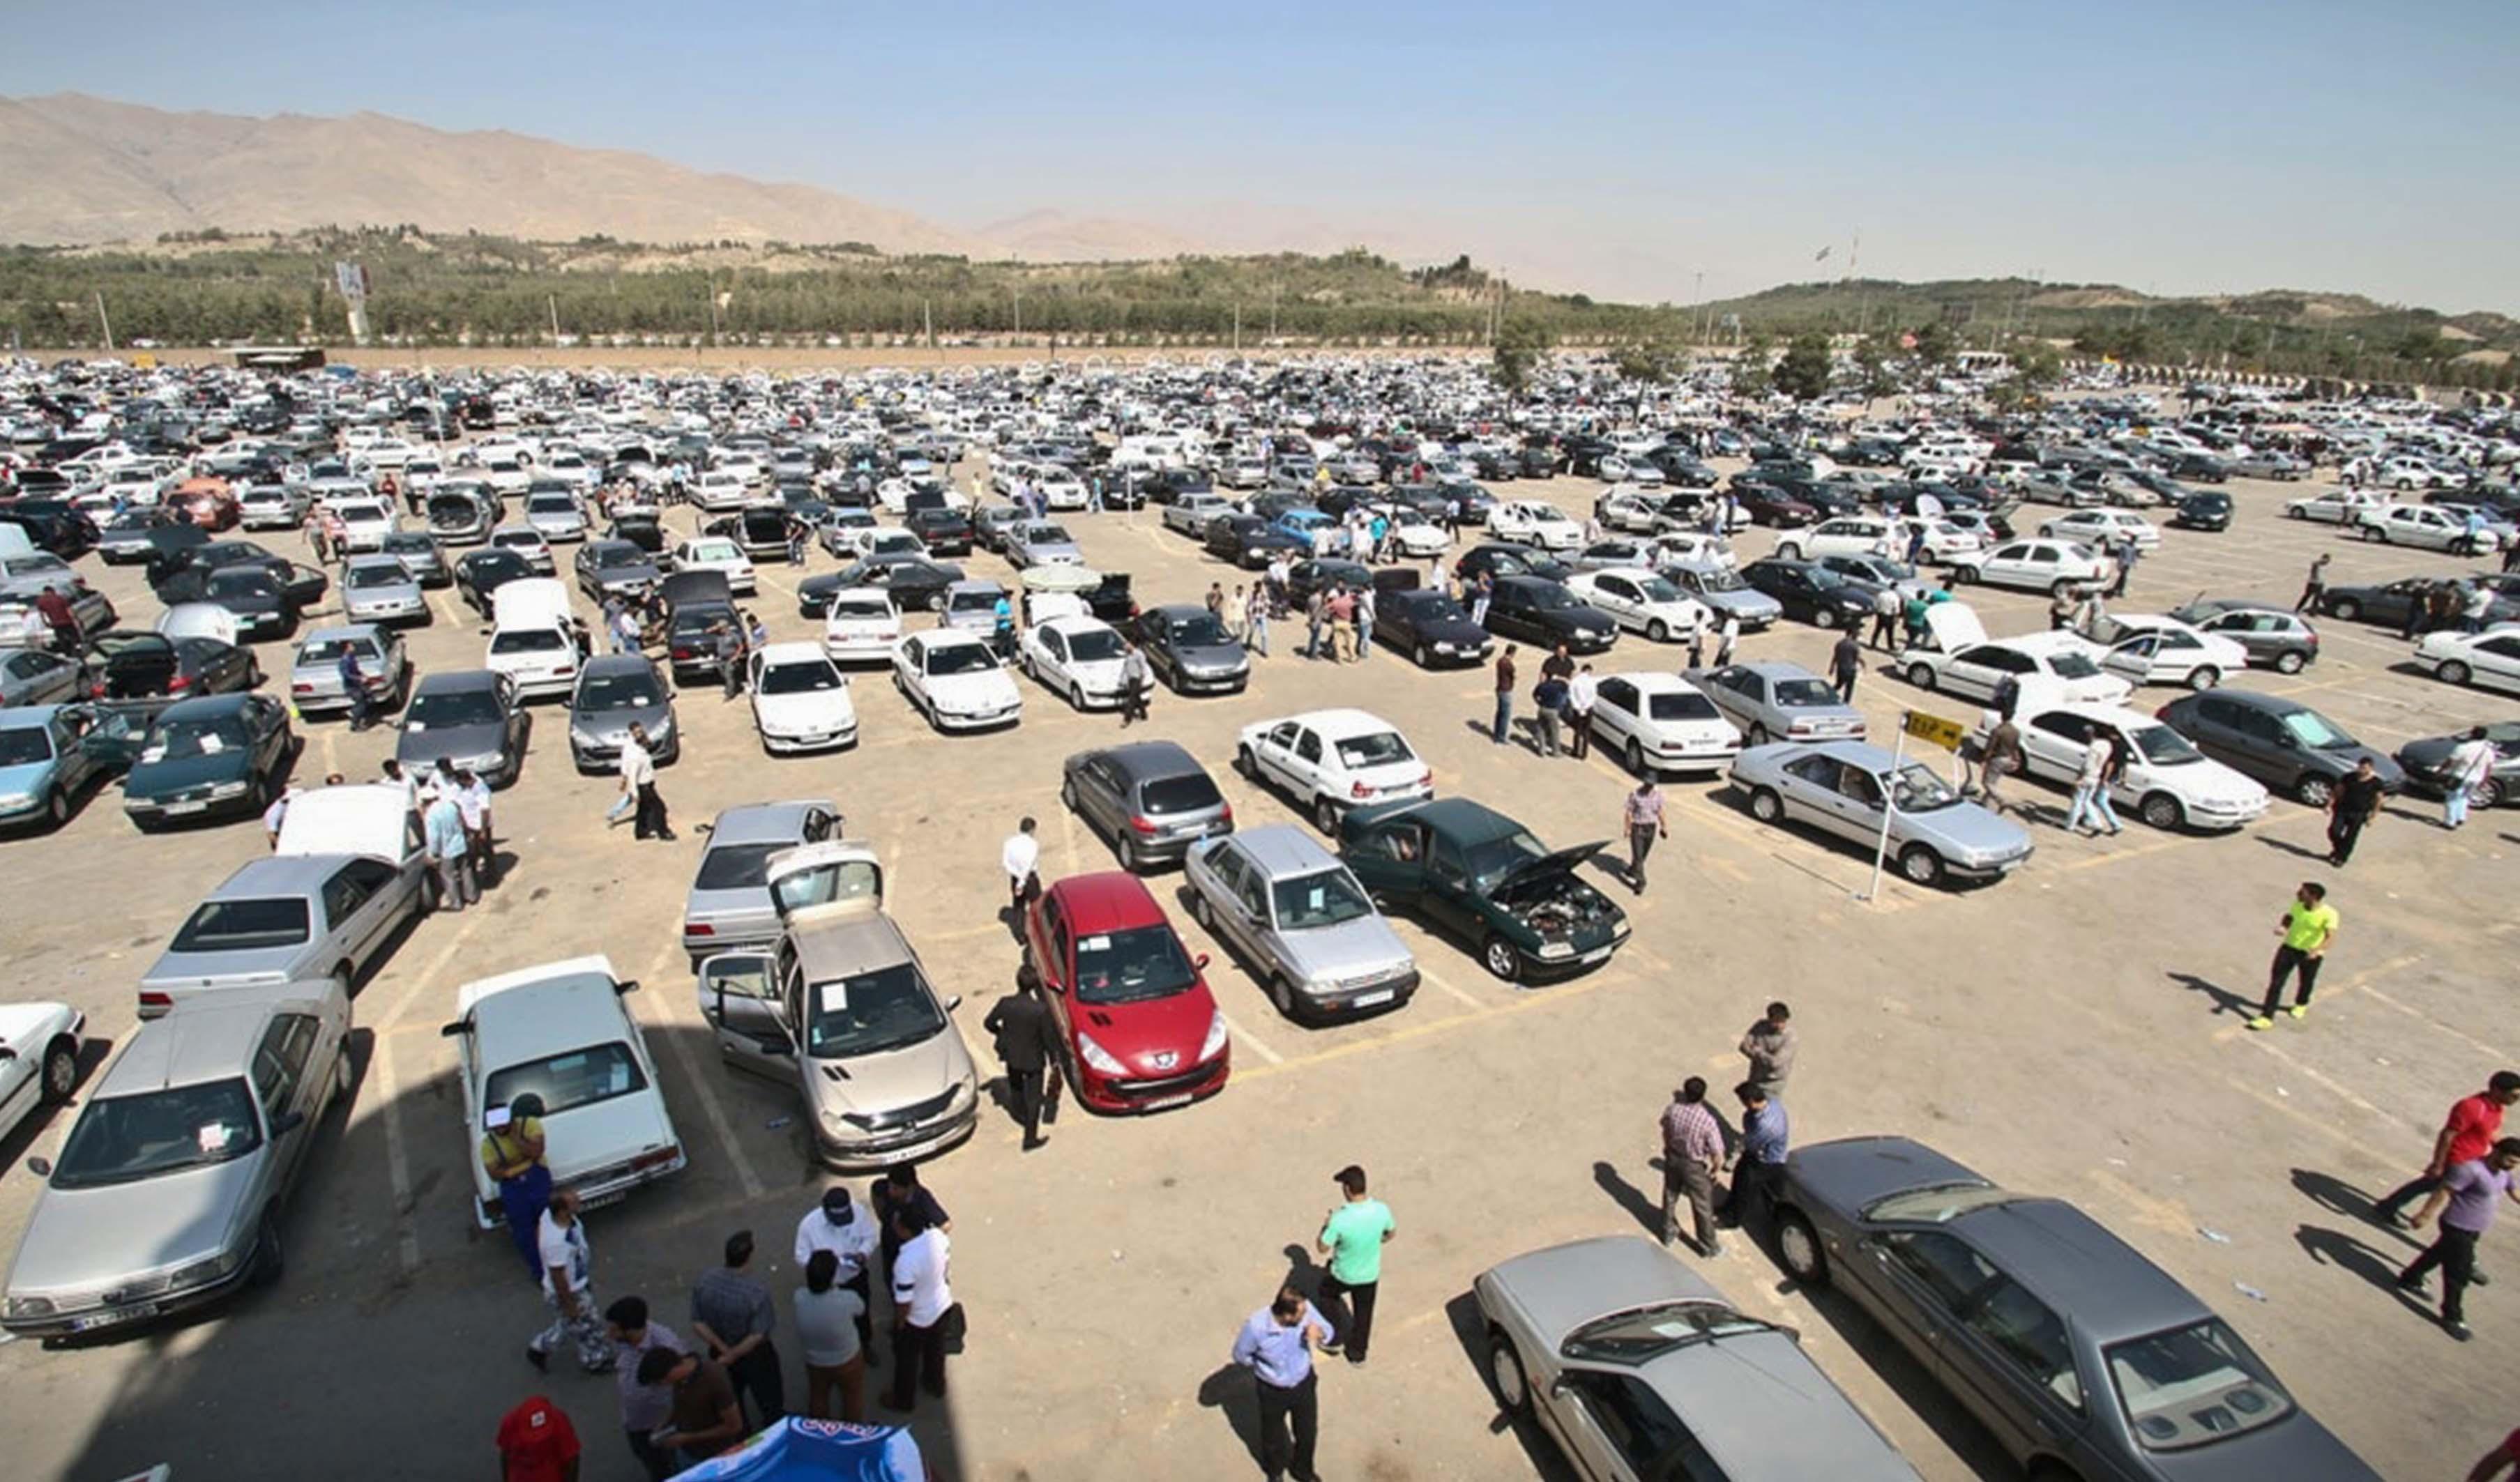 روز ریزش در بازار خودرو/قیمتها یک تا ۱۰ میلیون کاهش یافت